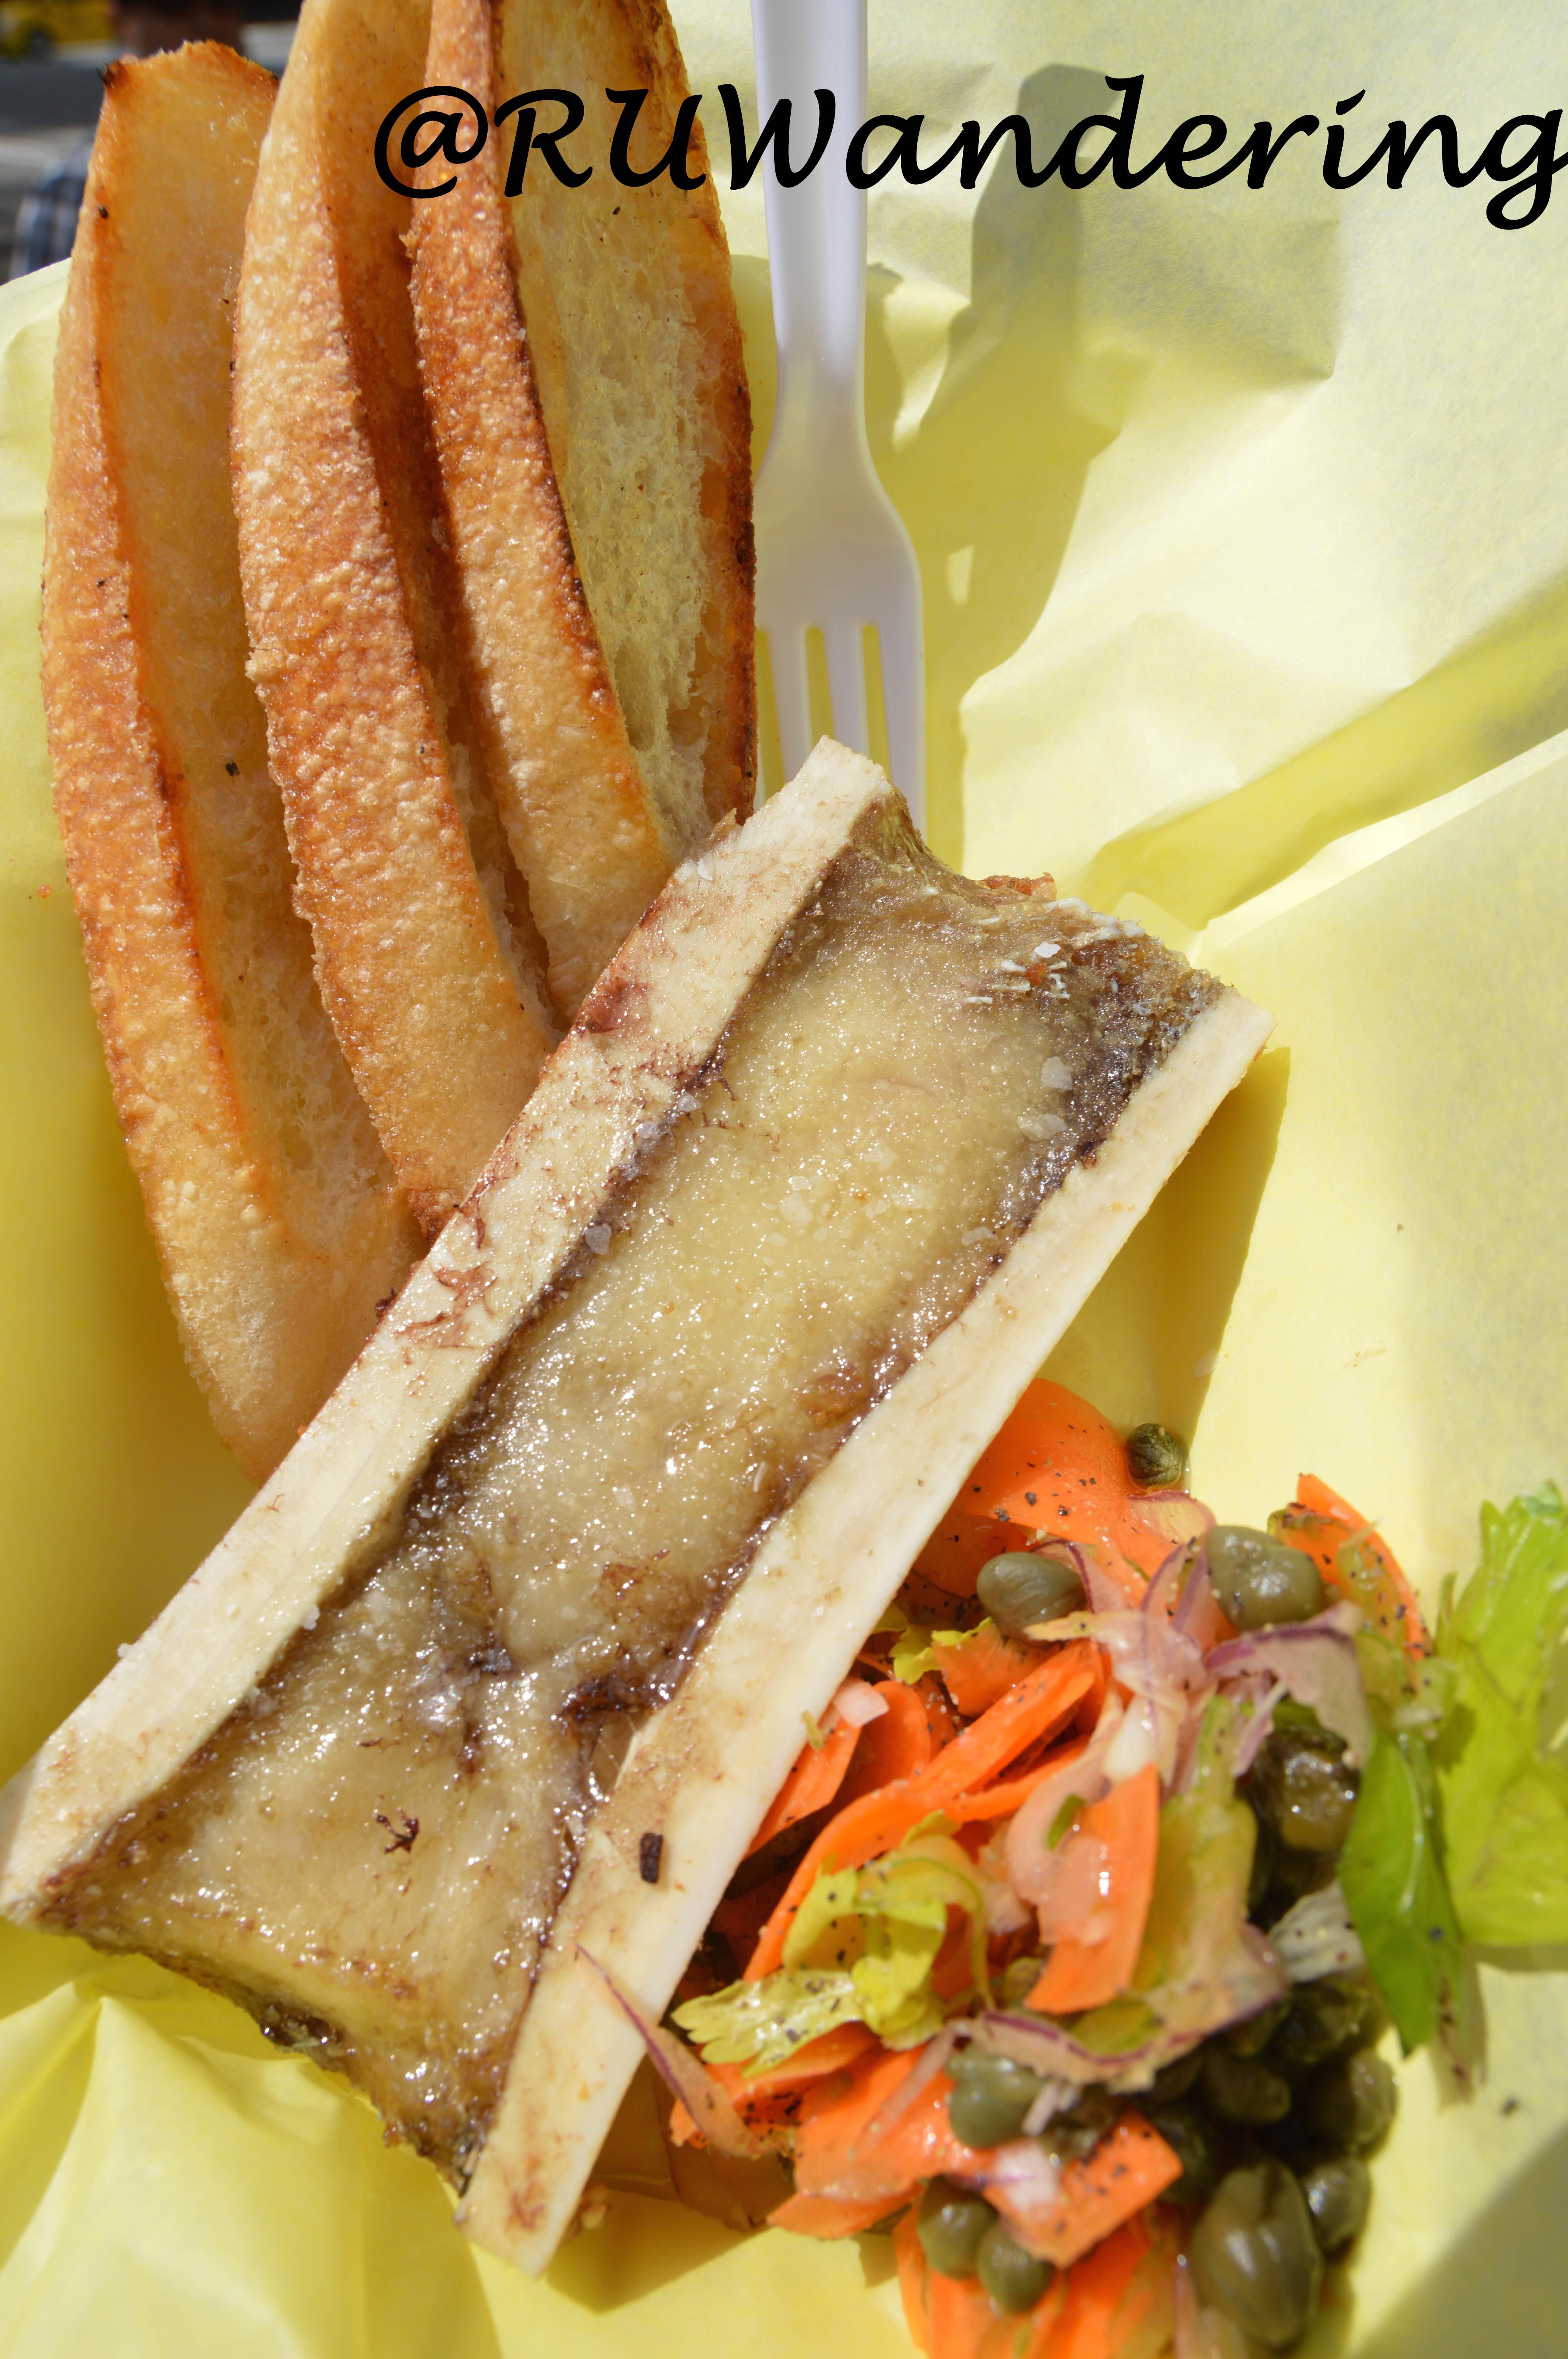 Nosh Food Truck Gluten Free